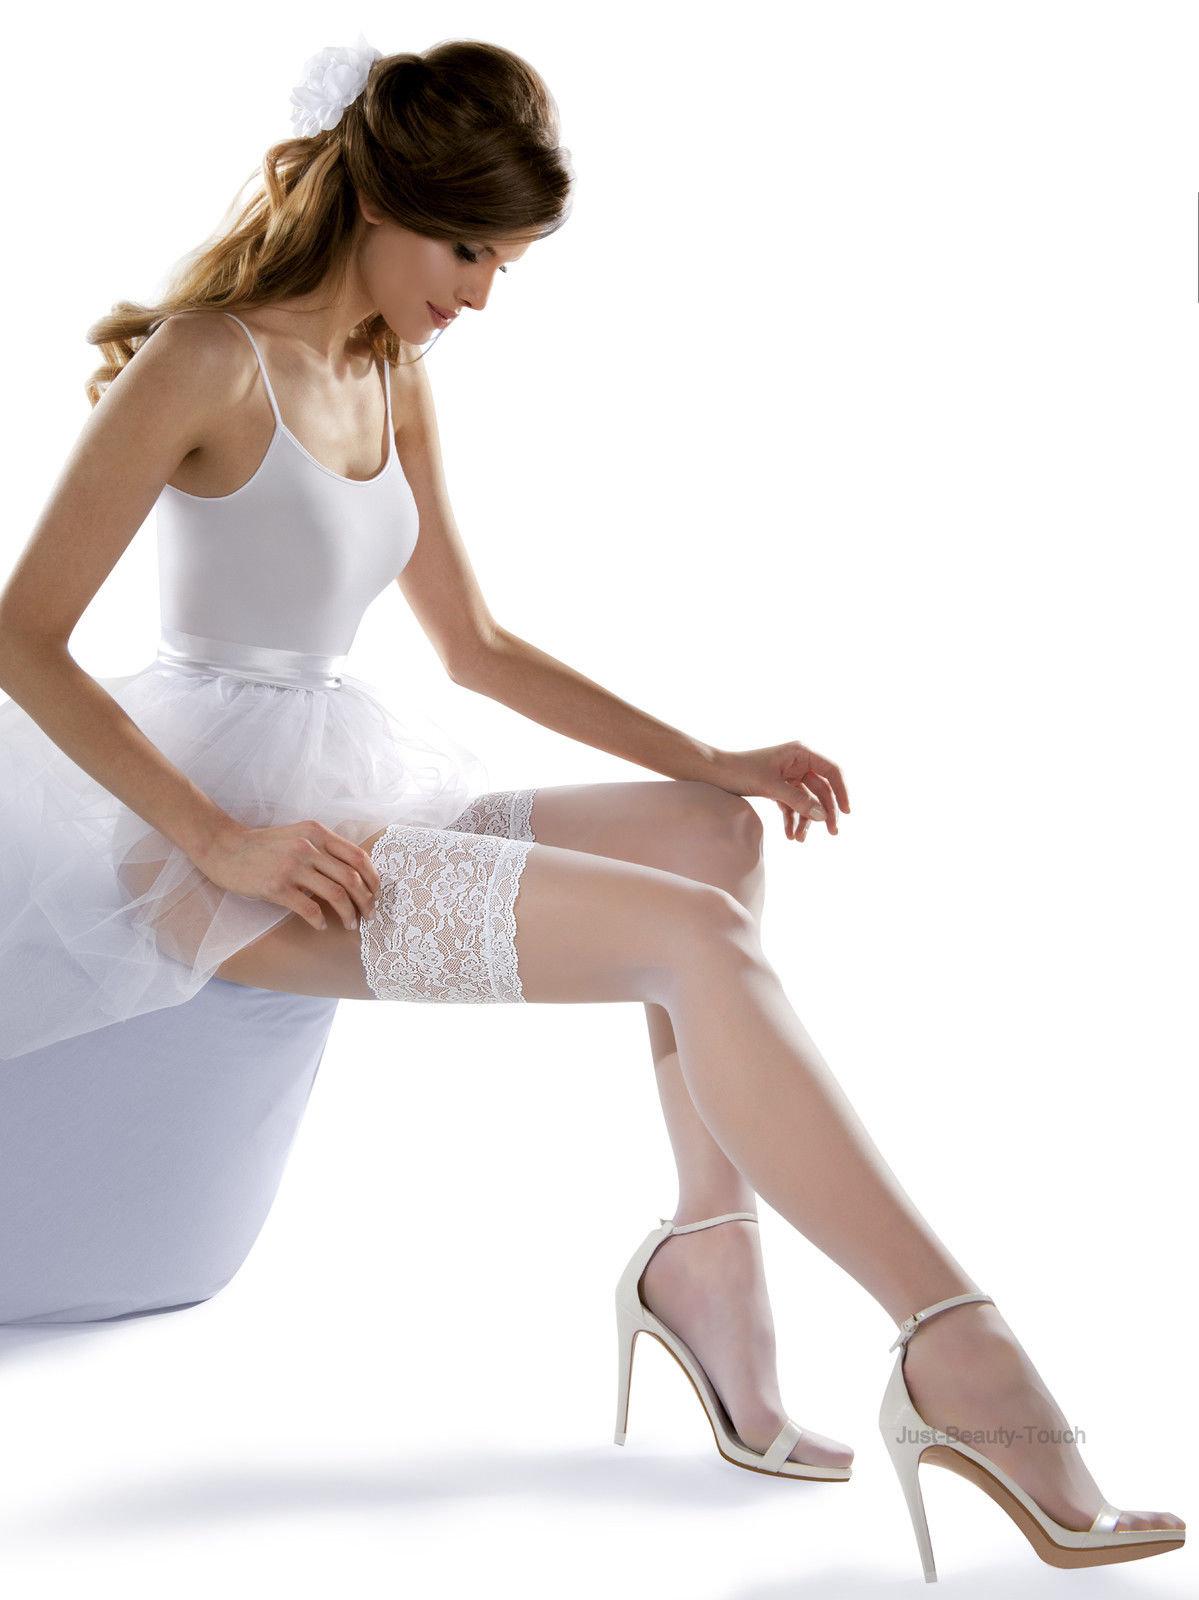 связанная чулками невеста фото - 4